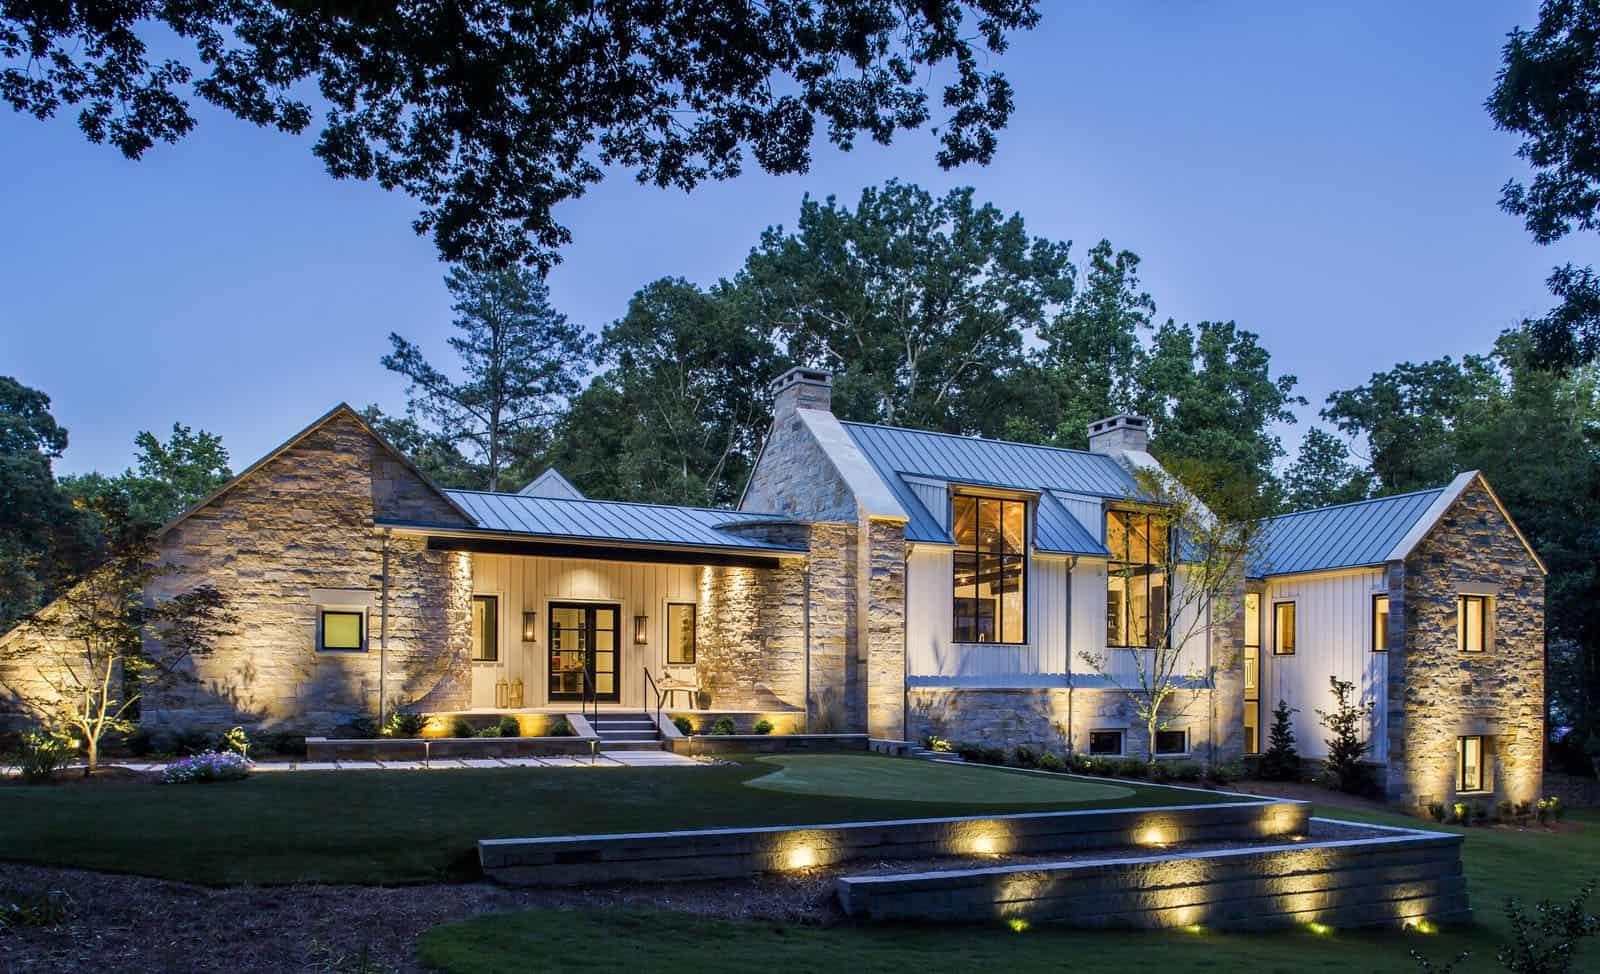 modern-farmhouse-exterior-night-view